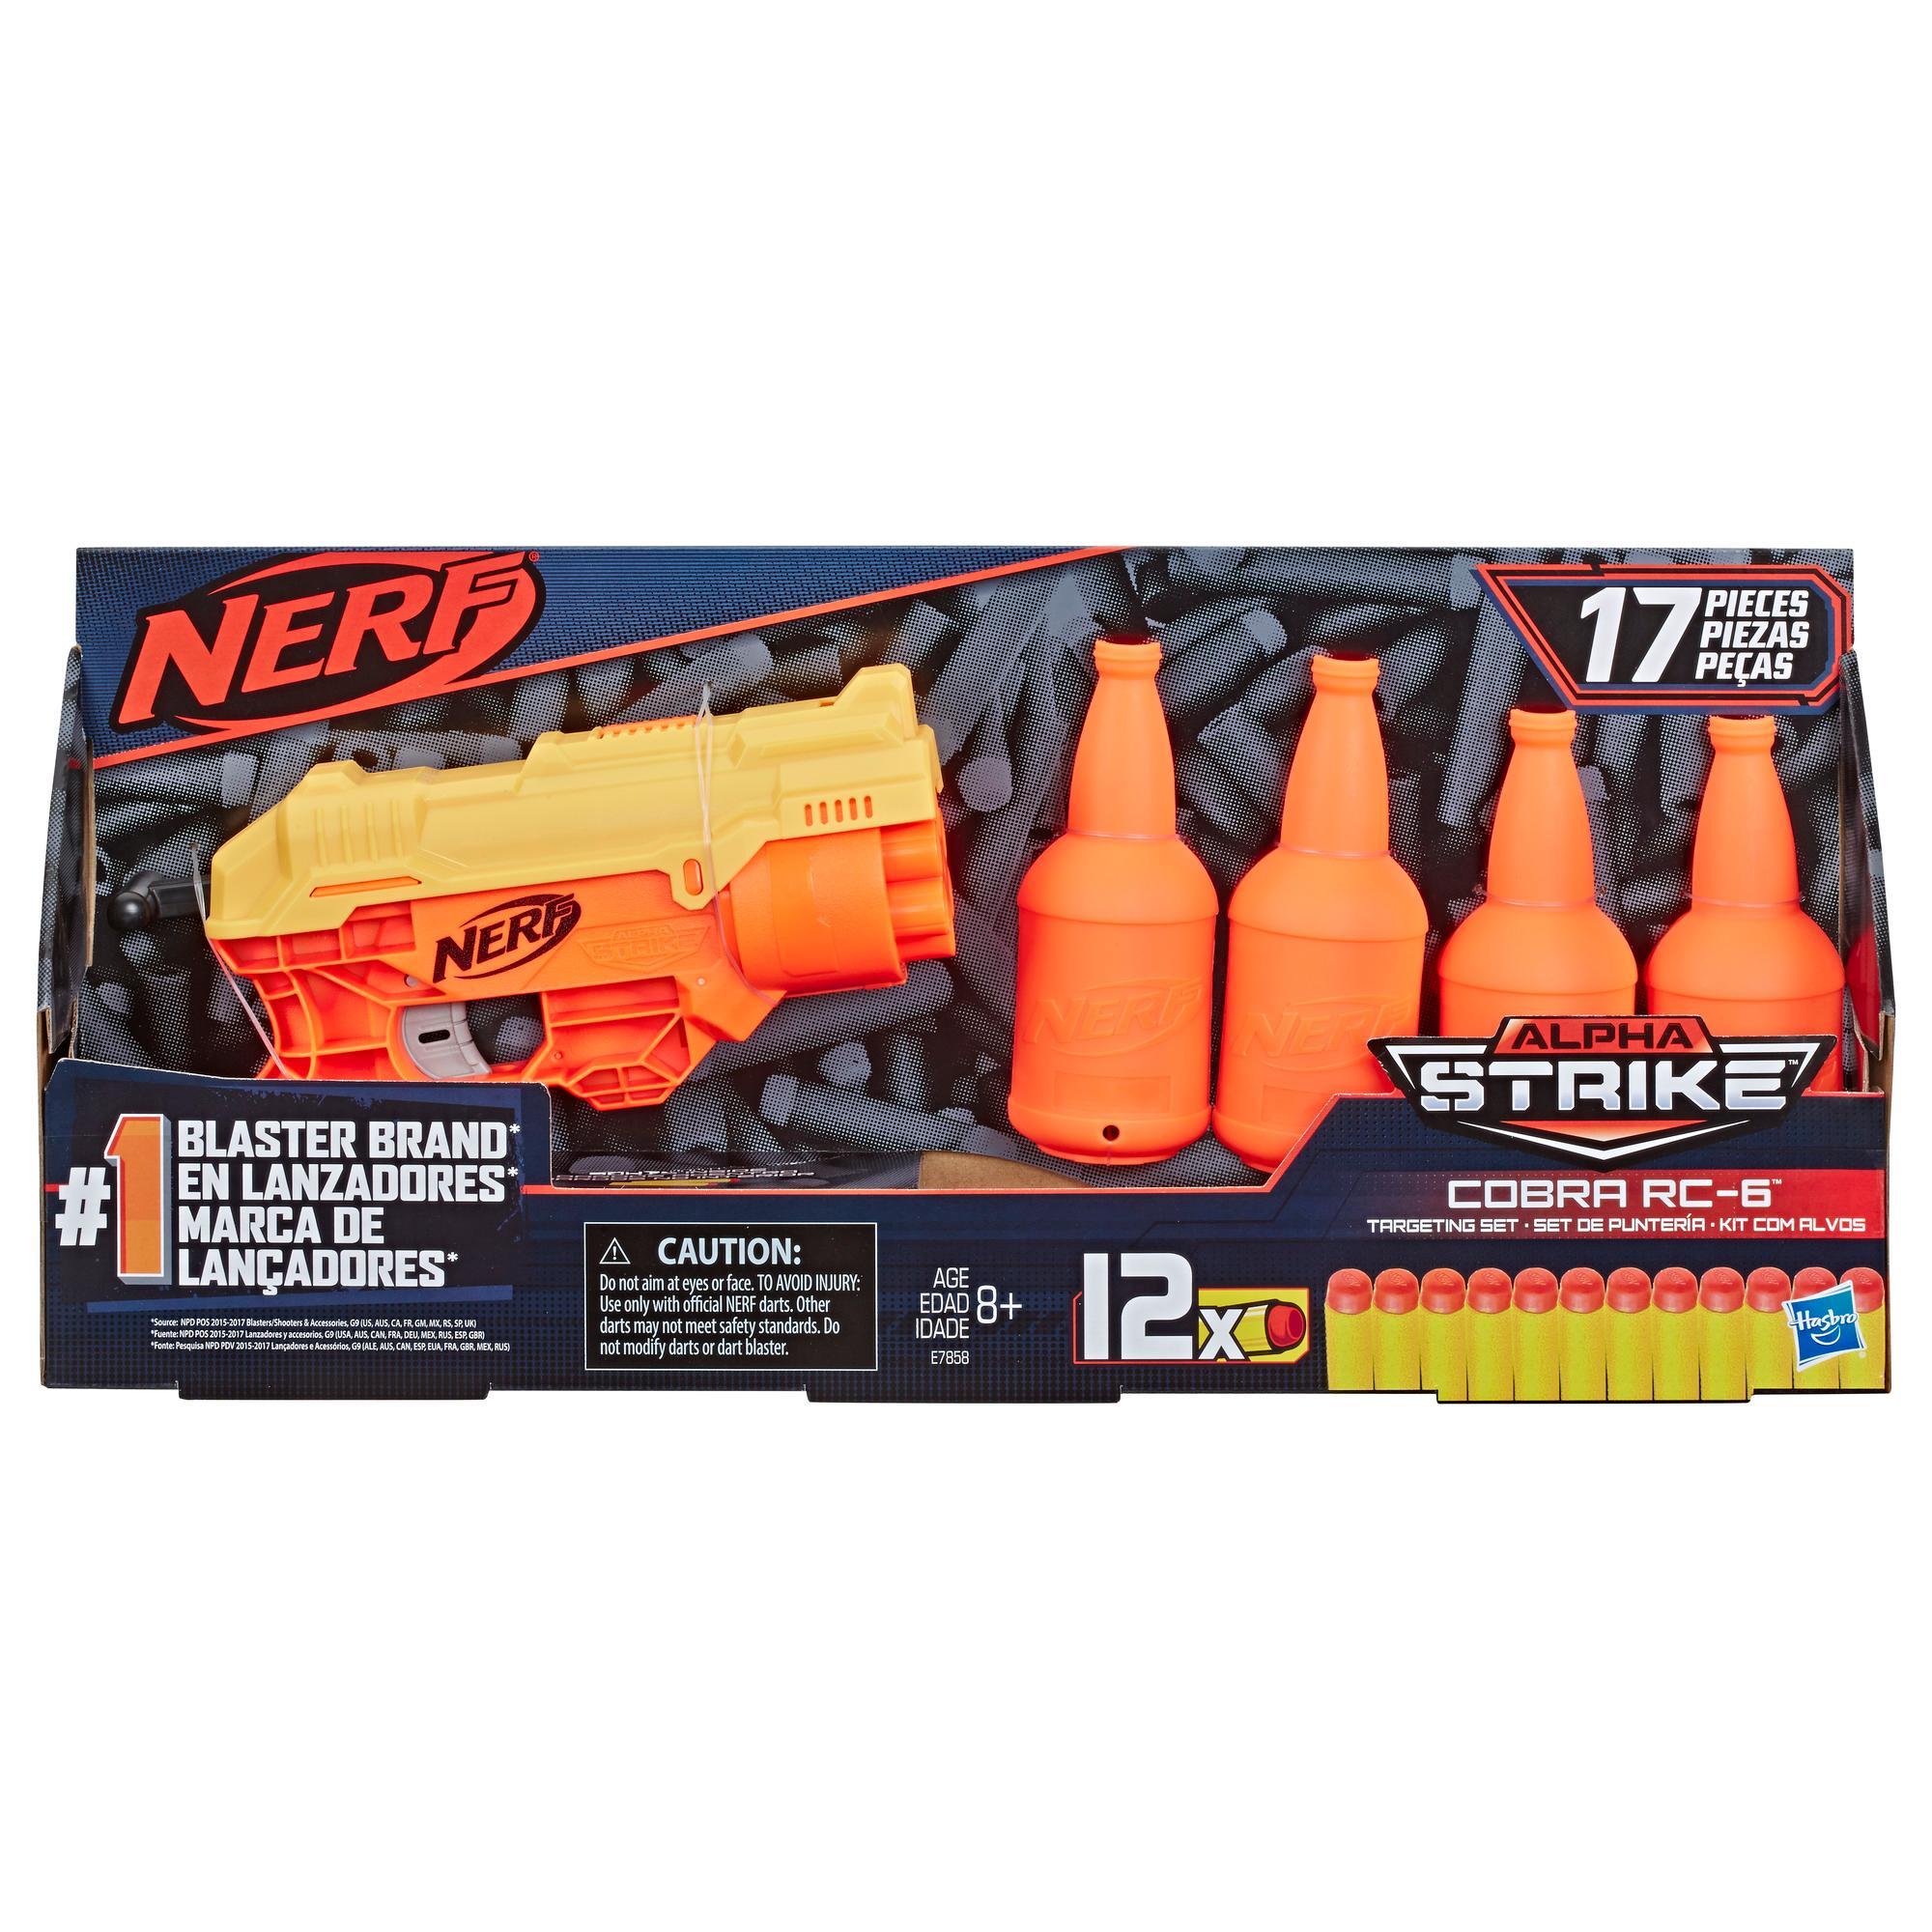 Kit Duplo de Treino Cobra RC-6: O kit de 17 peças Nerf Alpha Strike